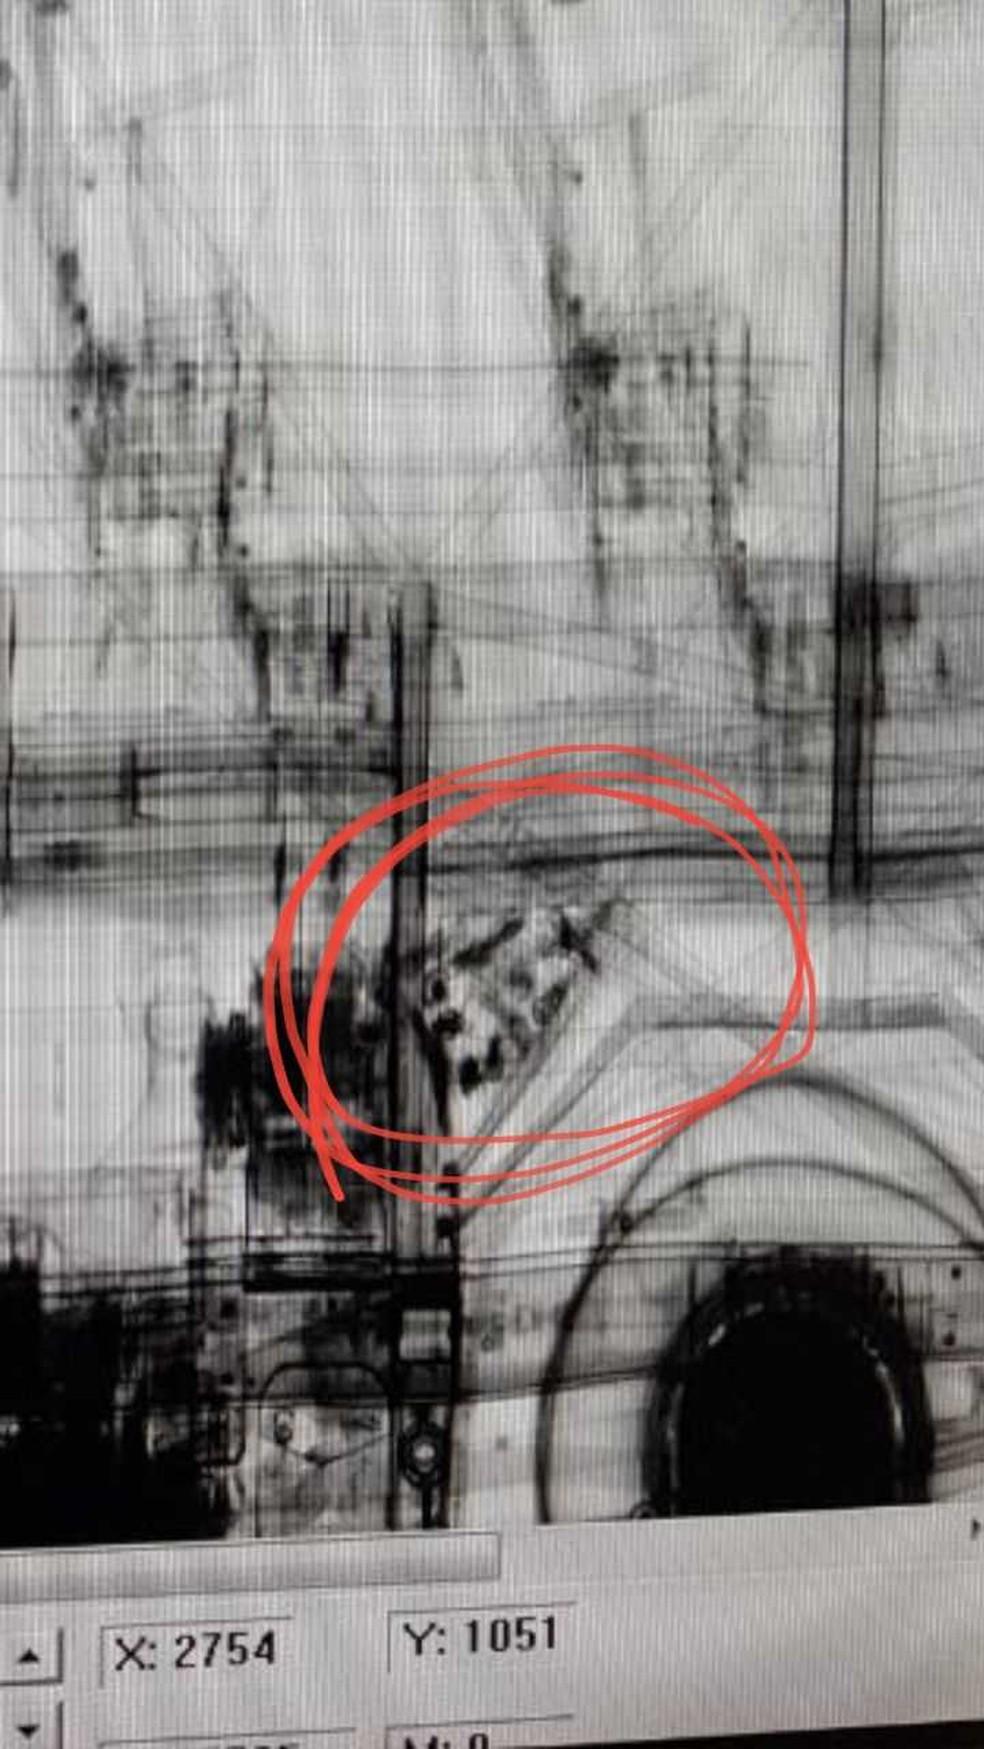 As armas foram encontradas com a ajuda de um escâner, que identificou um fundo falso próximo ao motor (Foto: Receita Federal/Divulgação)